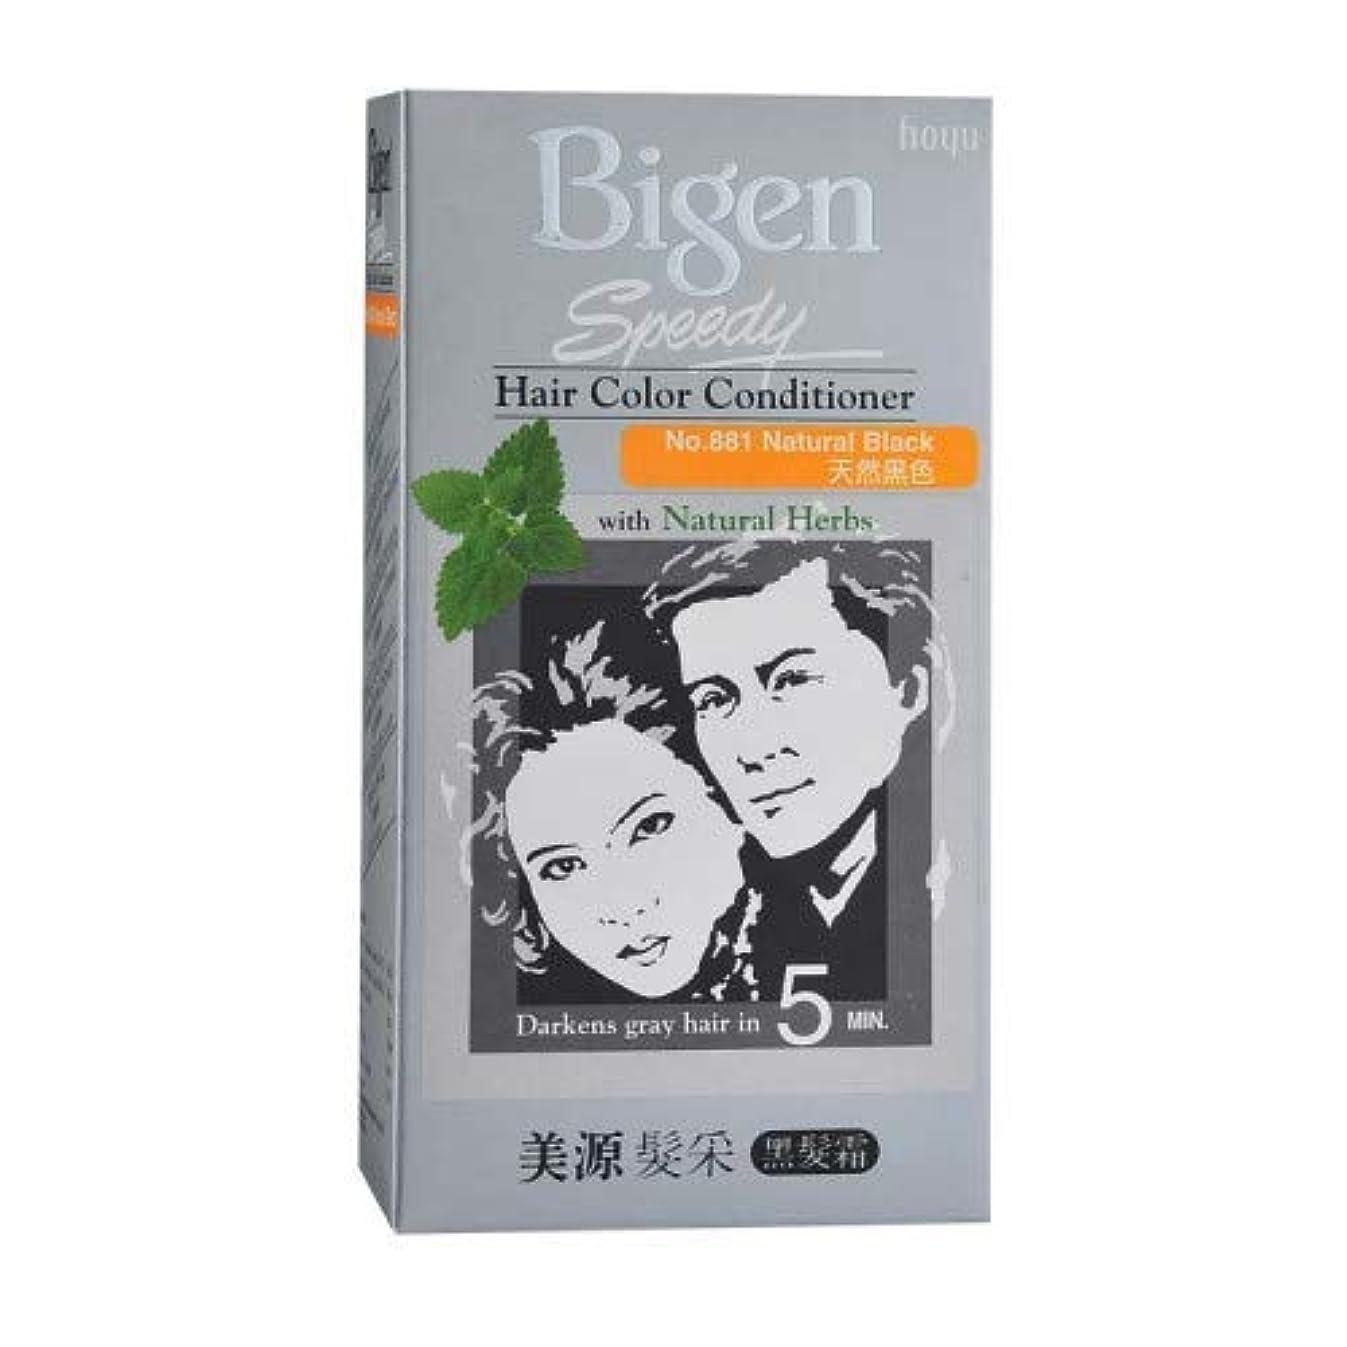 宣伝ショート伝導率BIGEN 高速髪の色自然な黒い髪のケアと天然ハーブ1